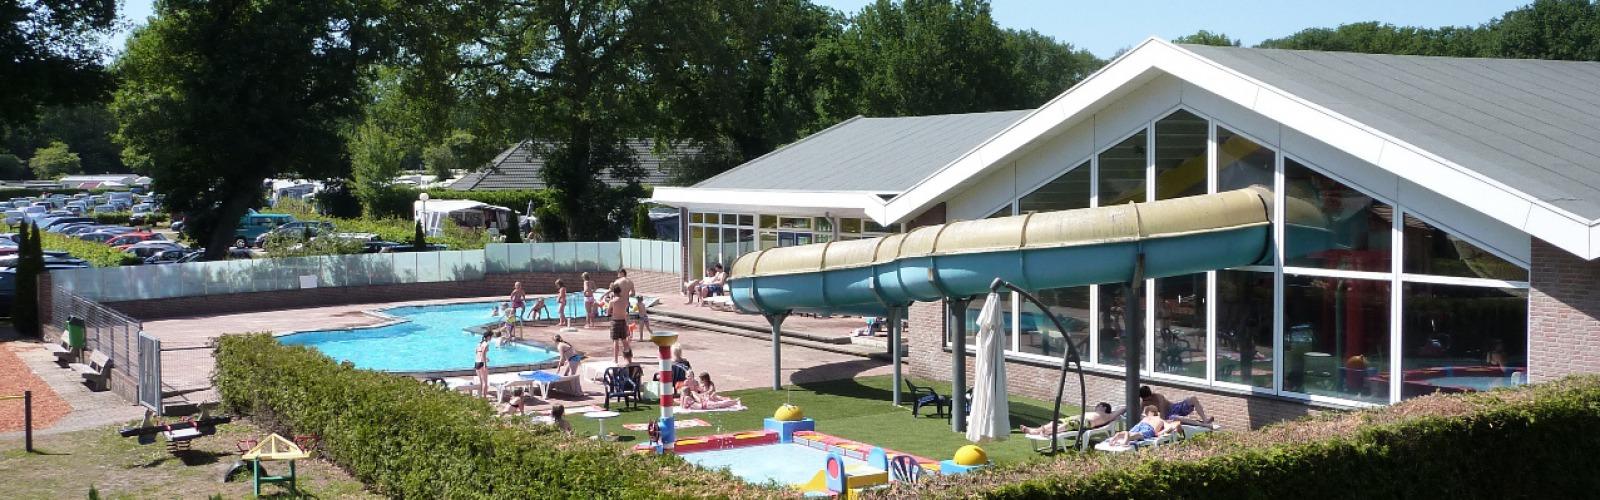 Campings Met Zwembad In Twente Overijssel Visit Twente